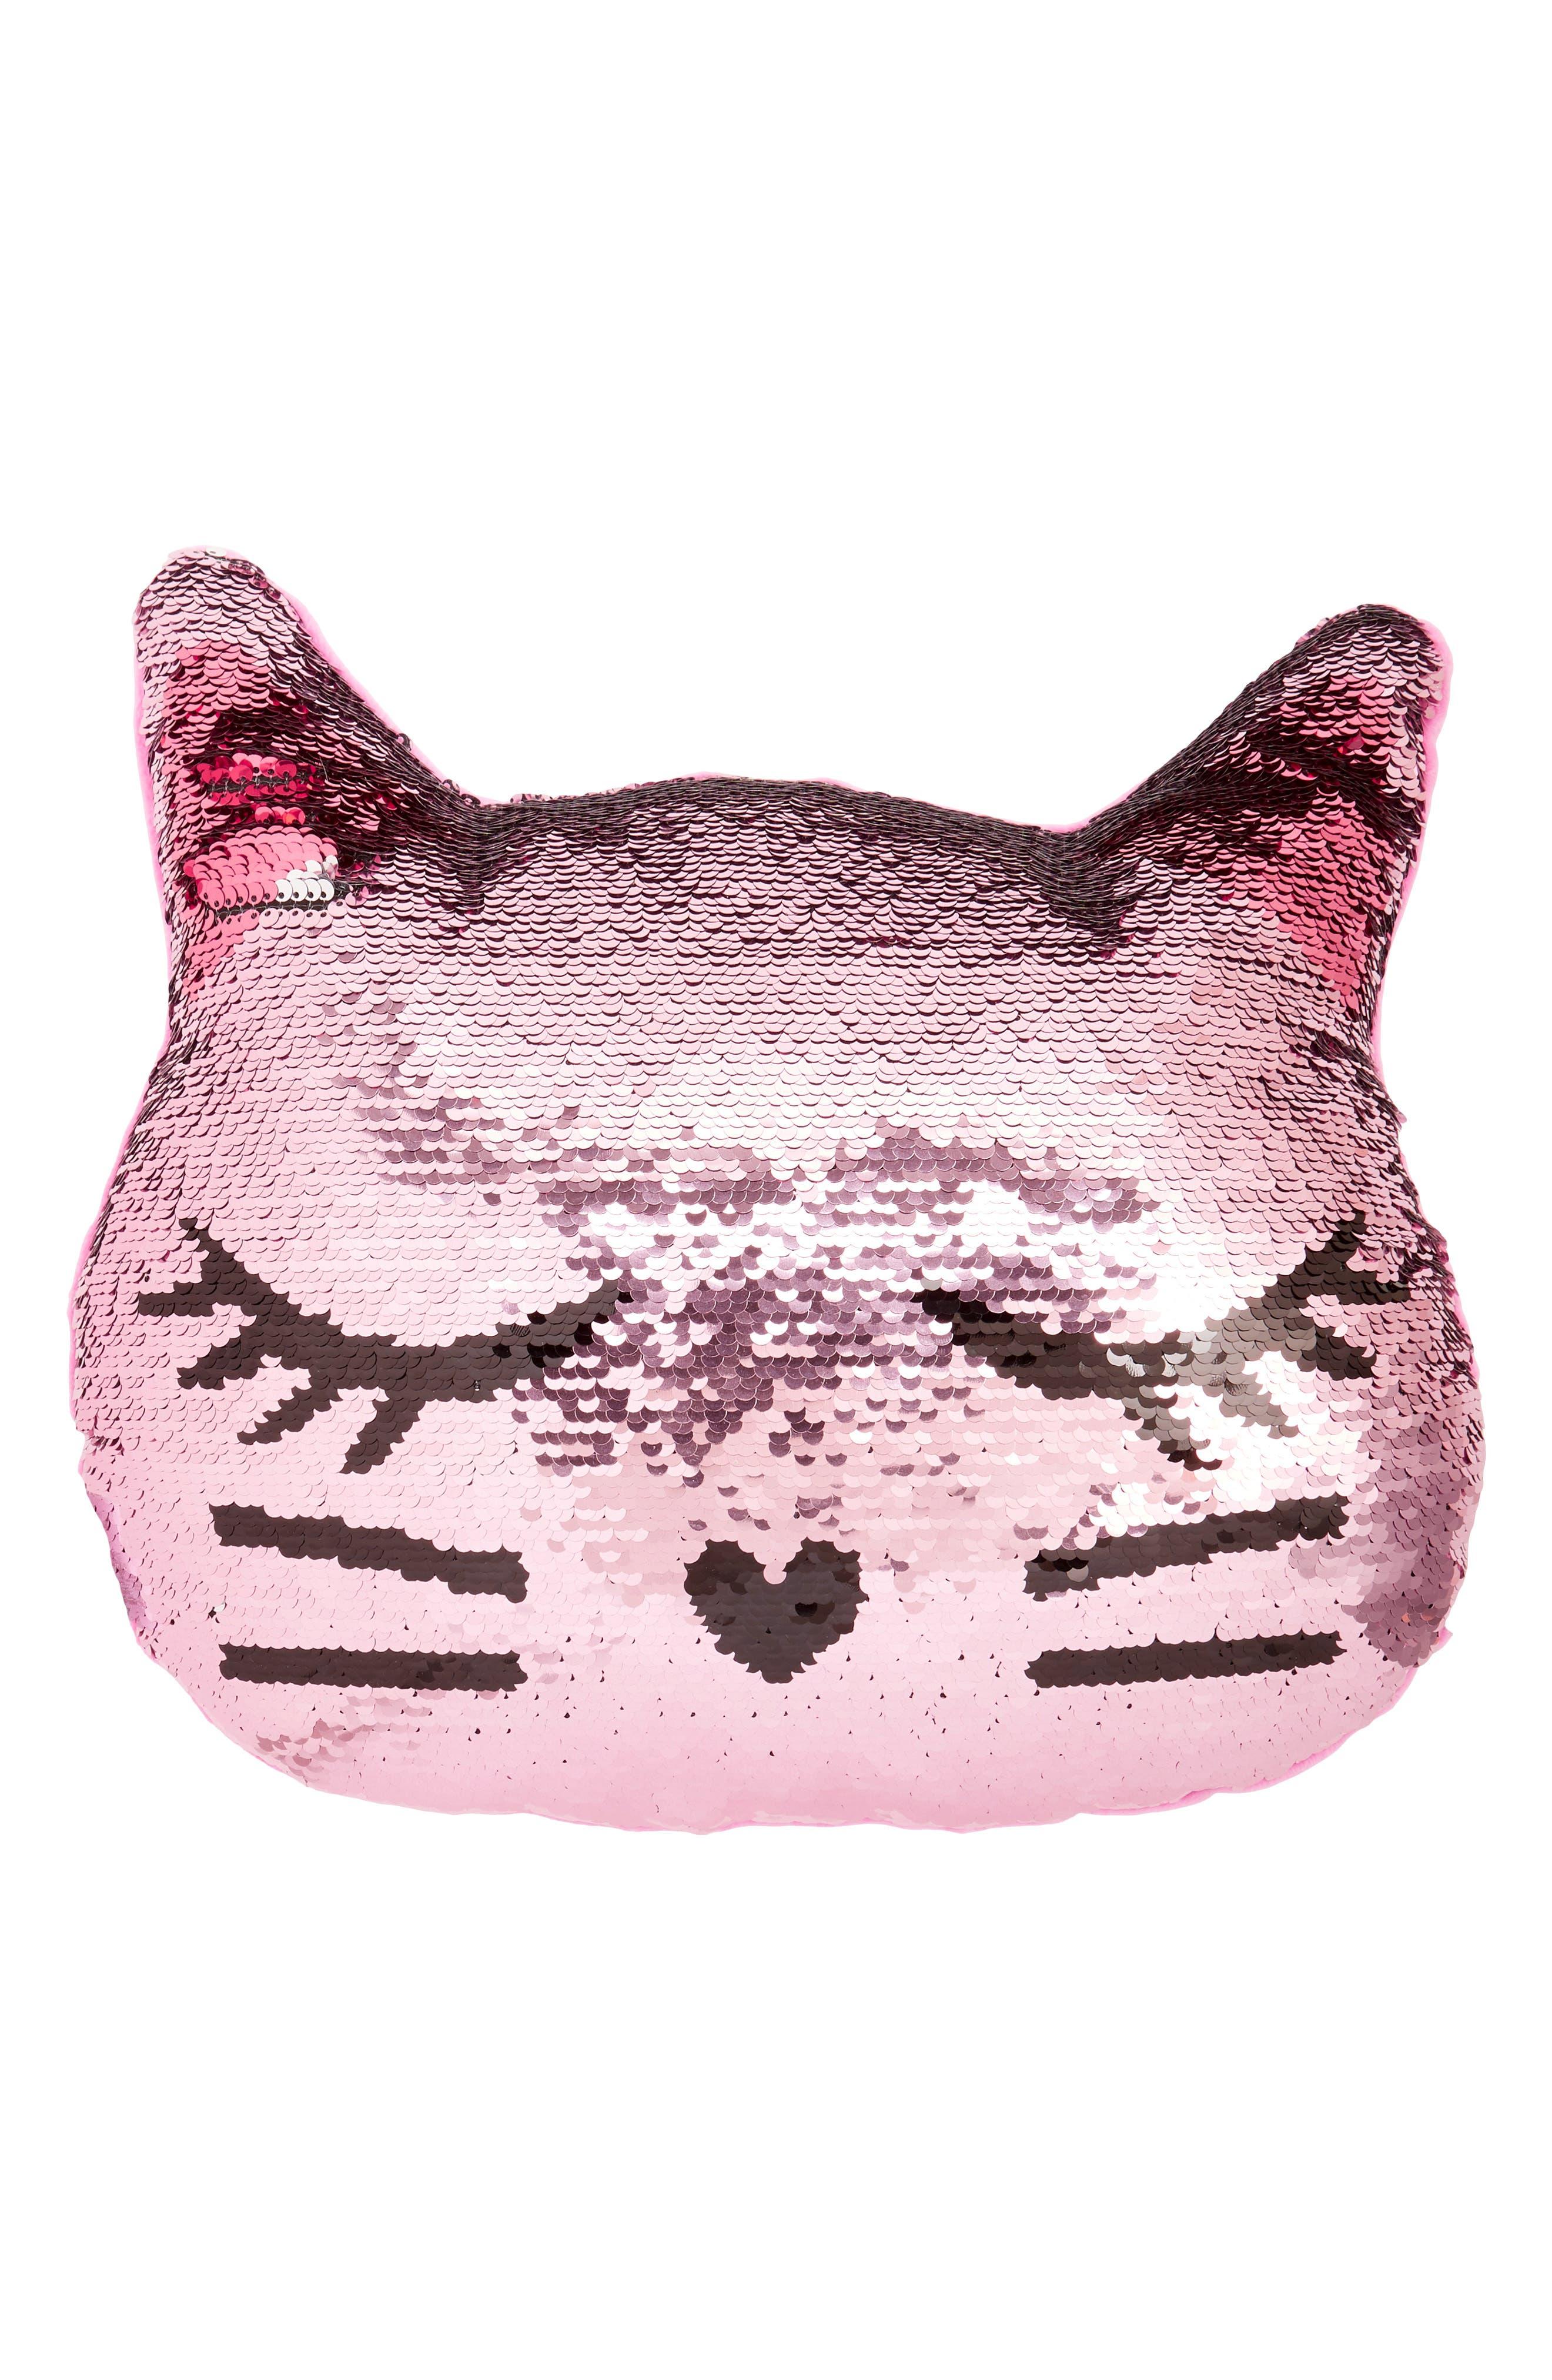 Reversible Sequin Cat Pillow,                         Main,                         color,